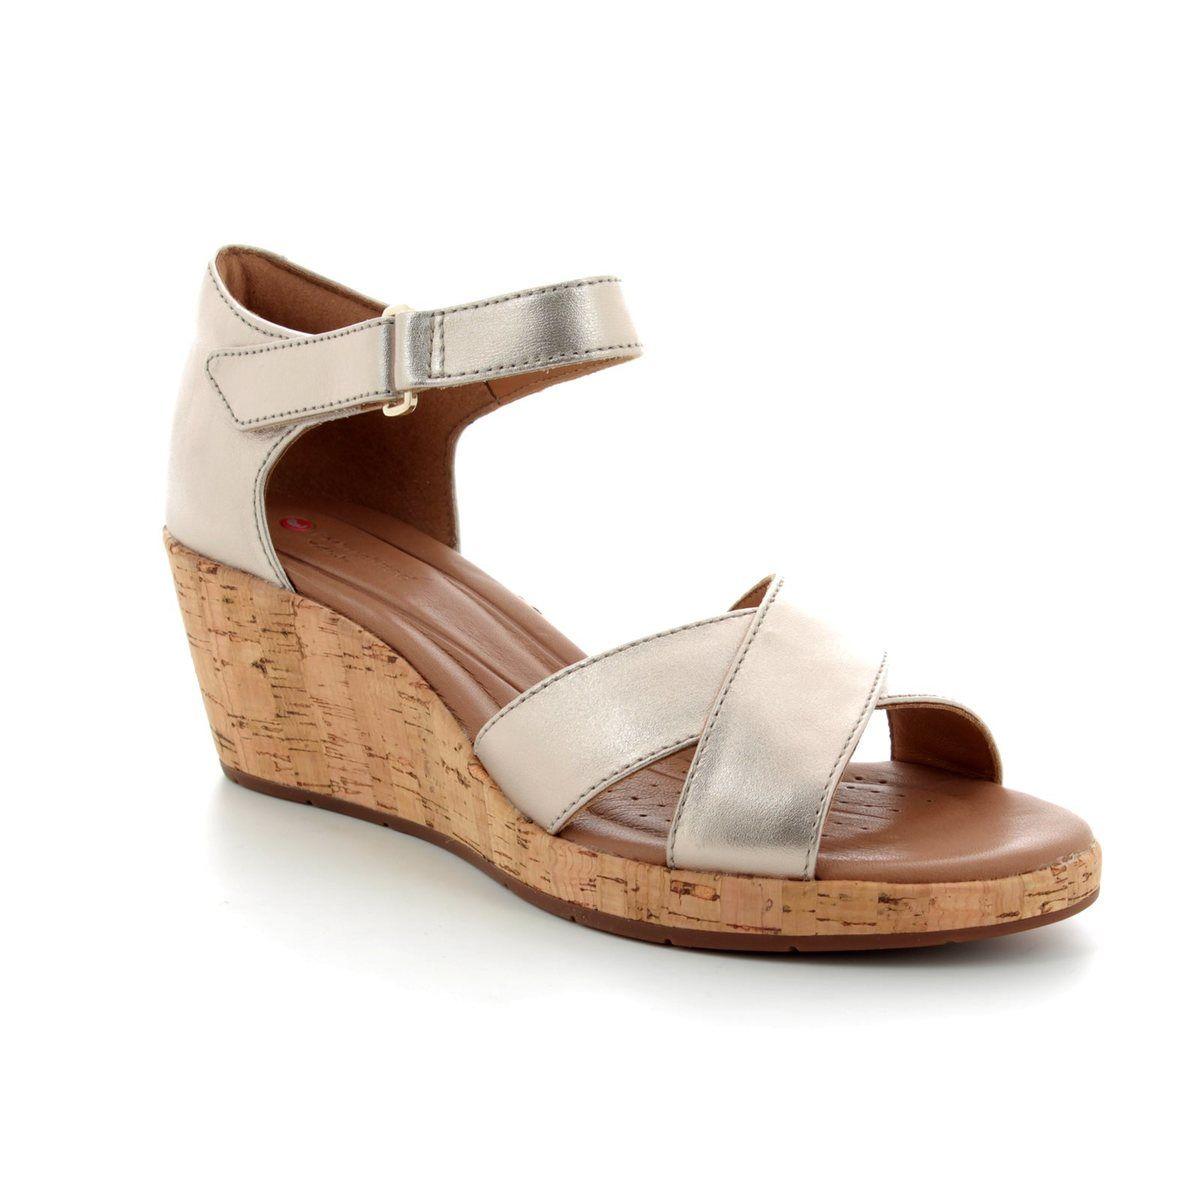 644b3051e4e Clarks Wedge Sandals - Gold - 3232 54D UN PLAZA CROSS